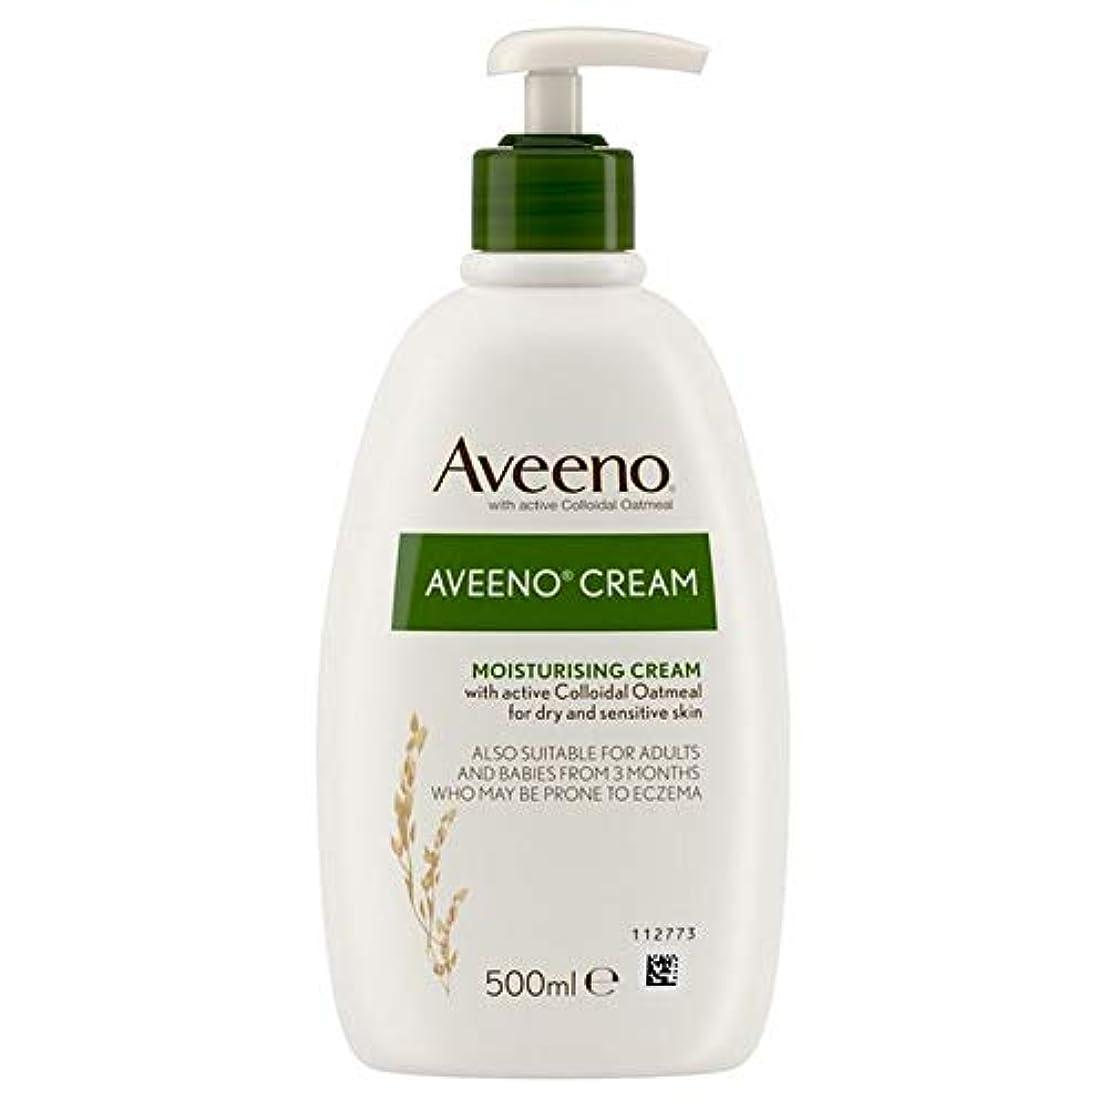 同種の絡まる移民[Aveeno] Aveenoクリーム500ミリリットル - Aveeno Cream 500ml [並行輸入品]